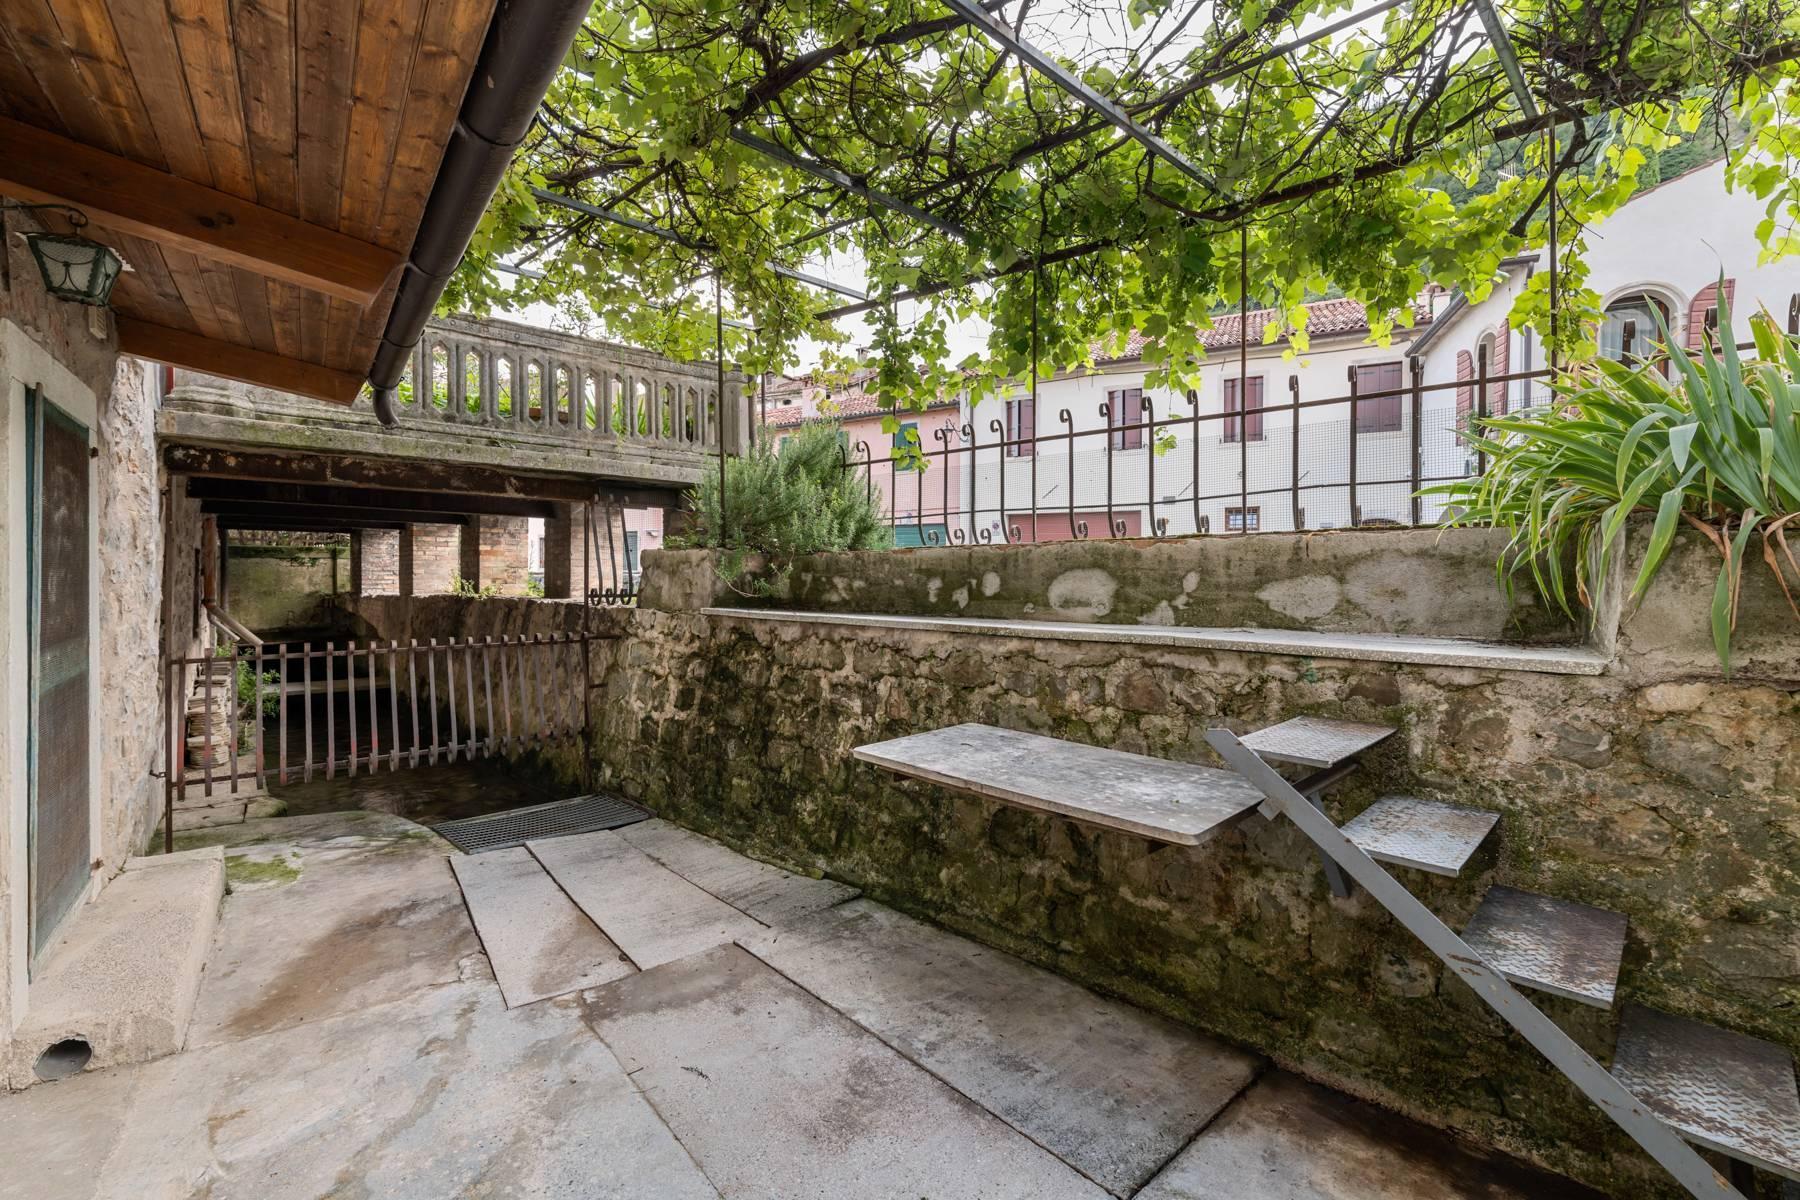 Renoviertes Gebäude aus dem 15. Jahrhundert im historischen Zentrum von Serravalle, Heimat des Malers Antonello Da Serravalle - 21